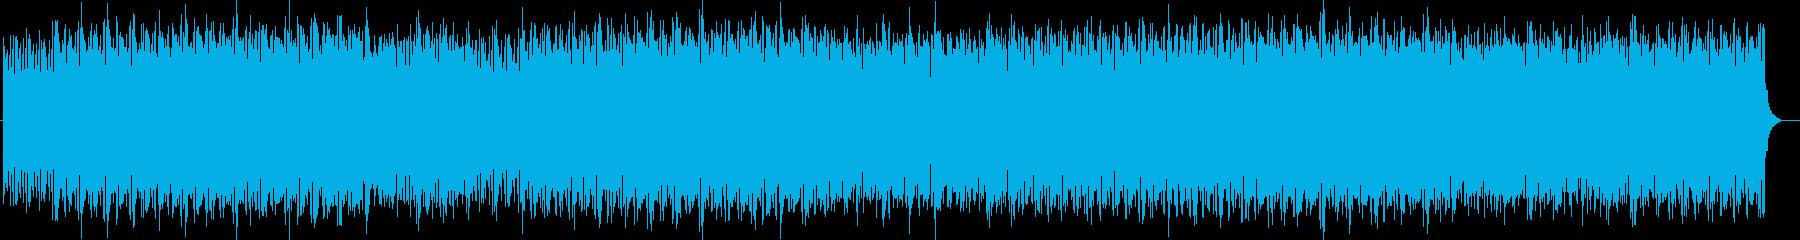 宇宙的なシンセサイザーなどのサウンドの再生済みの波形